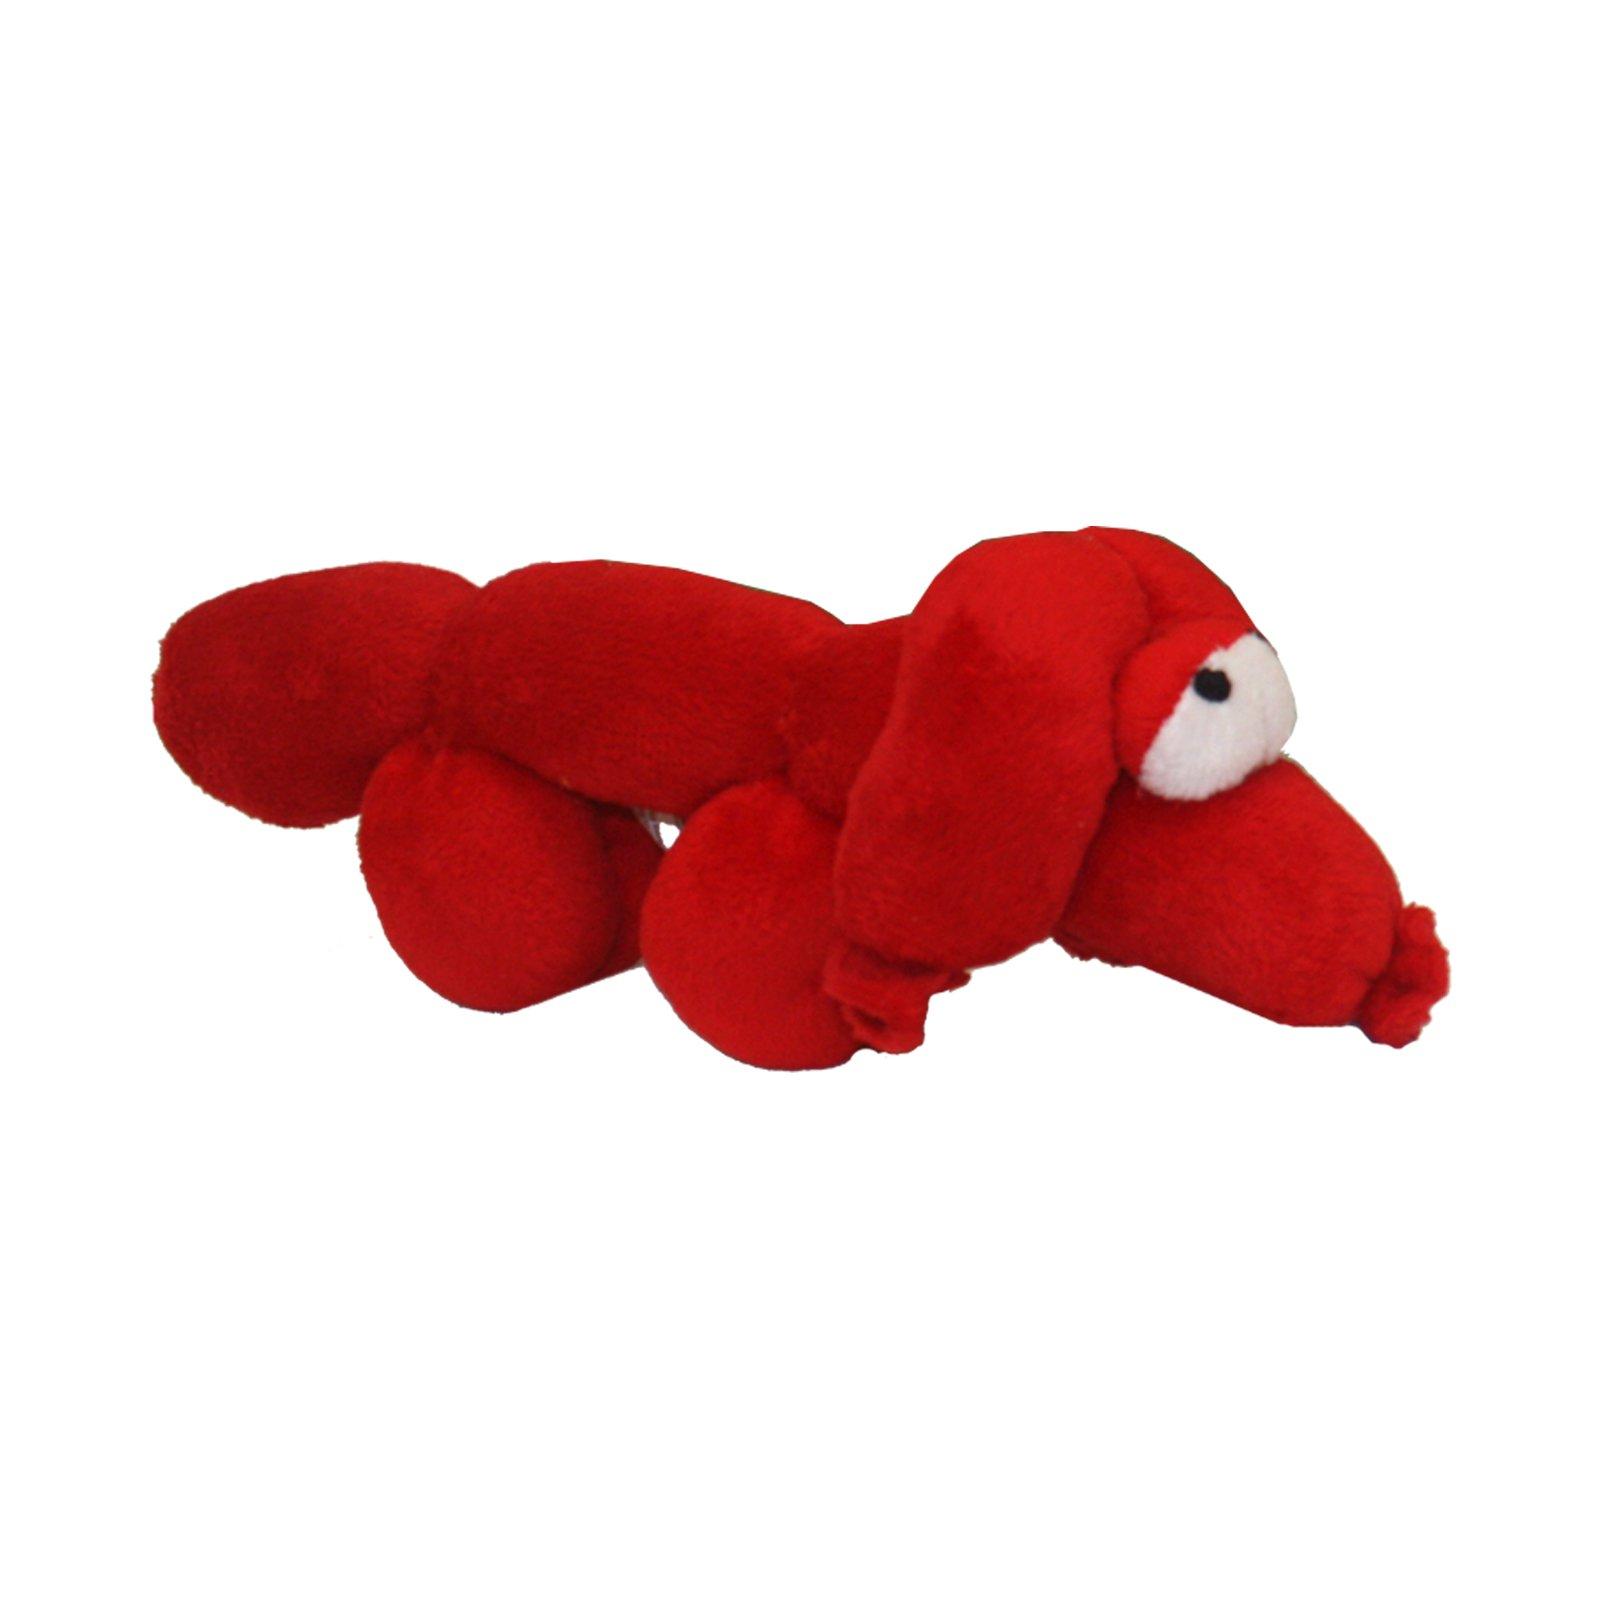 Multipet Balloon Animal Dog Plush Toy, 10''